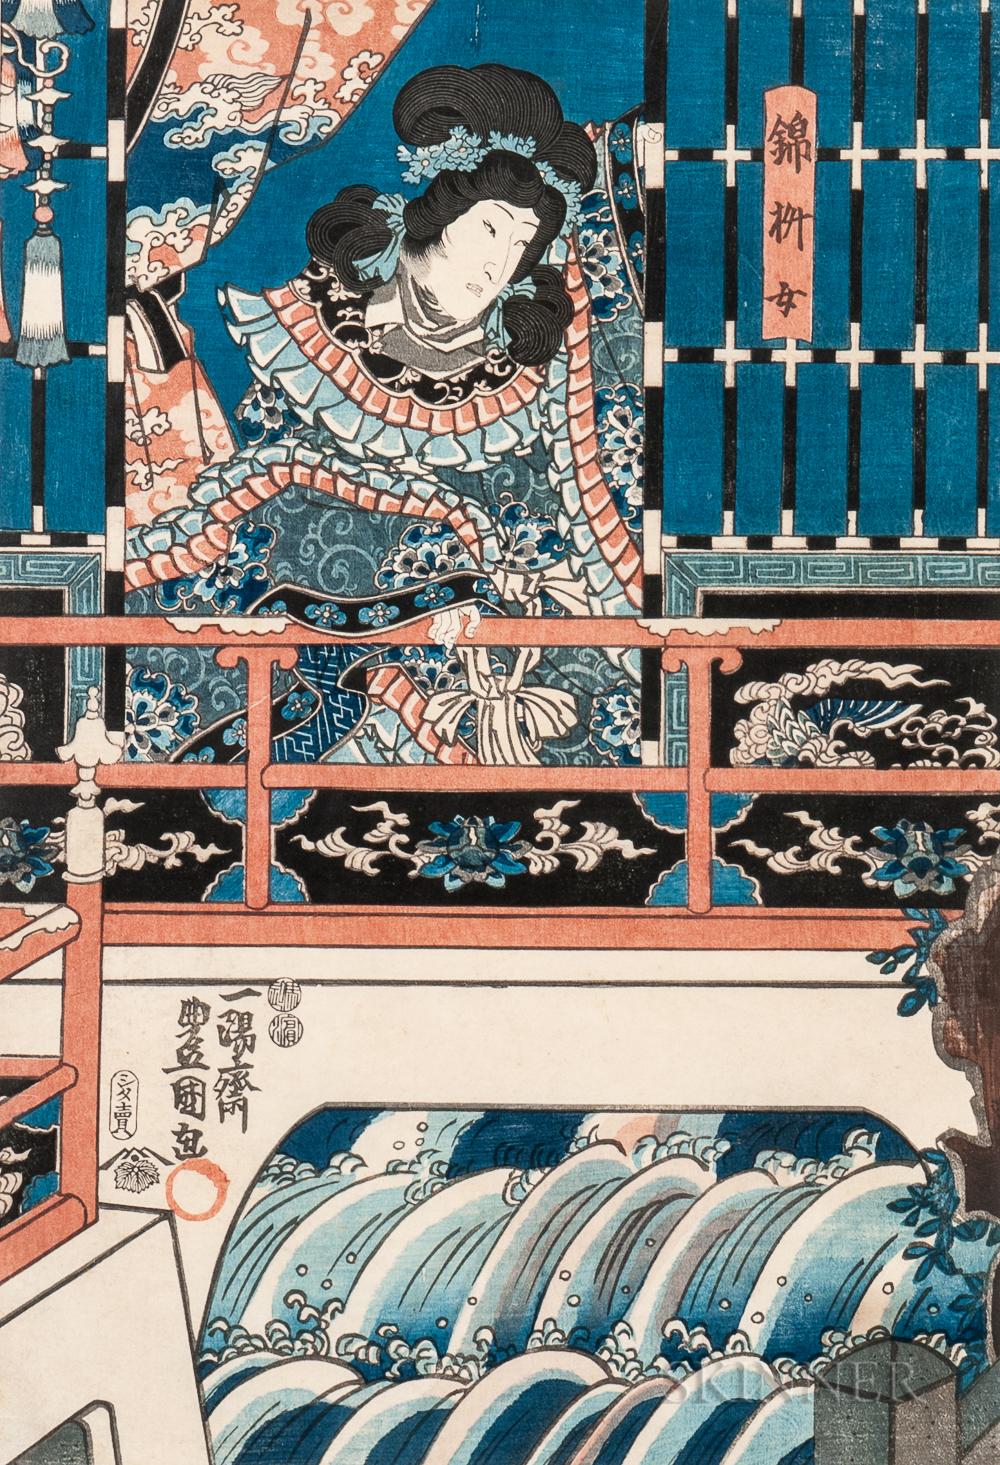 Utagawa Kunisada (Toyokuni III, 1786-1864), Woodblock Print